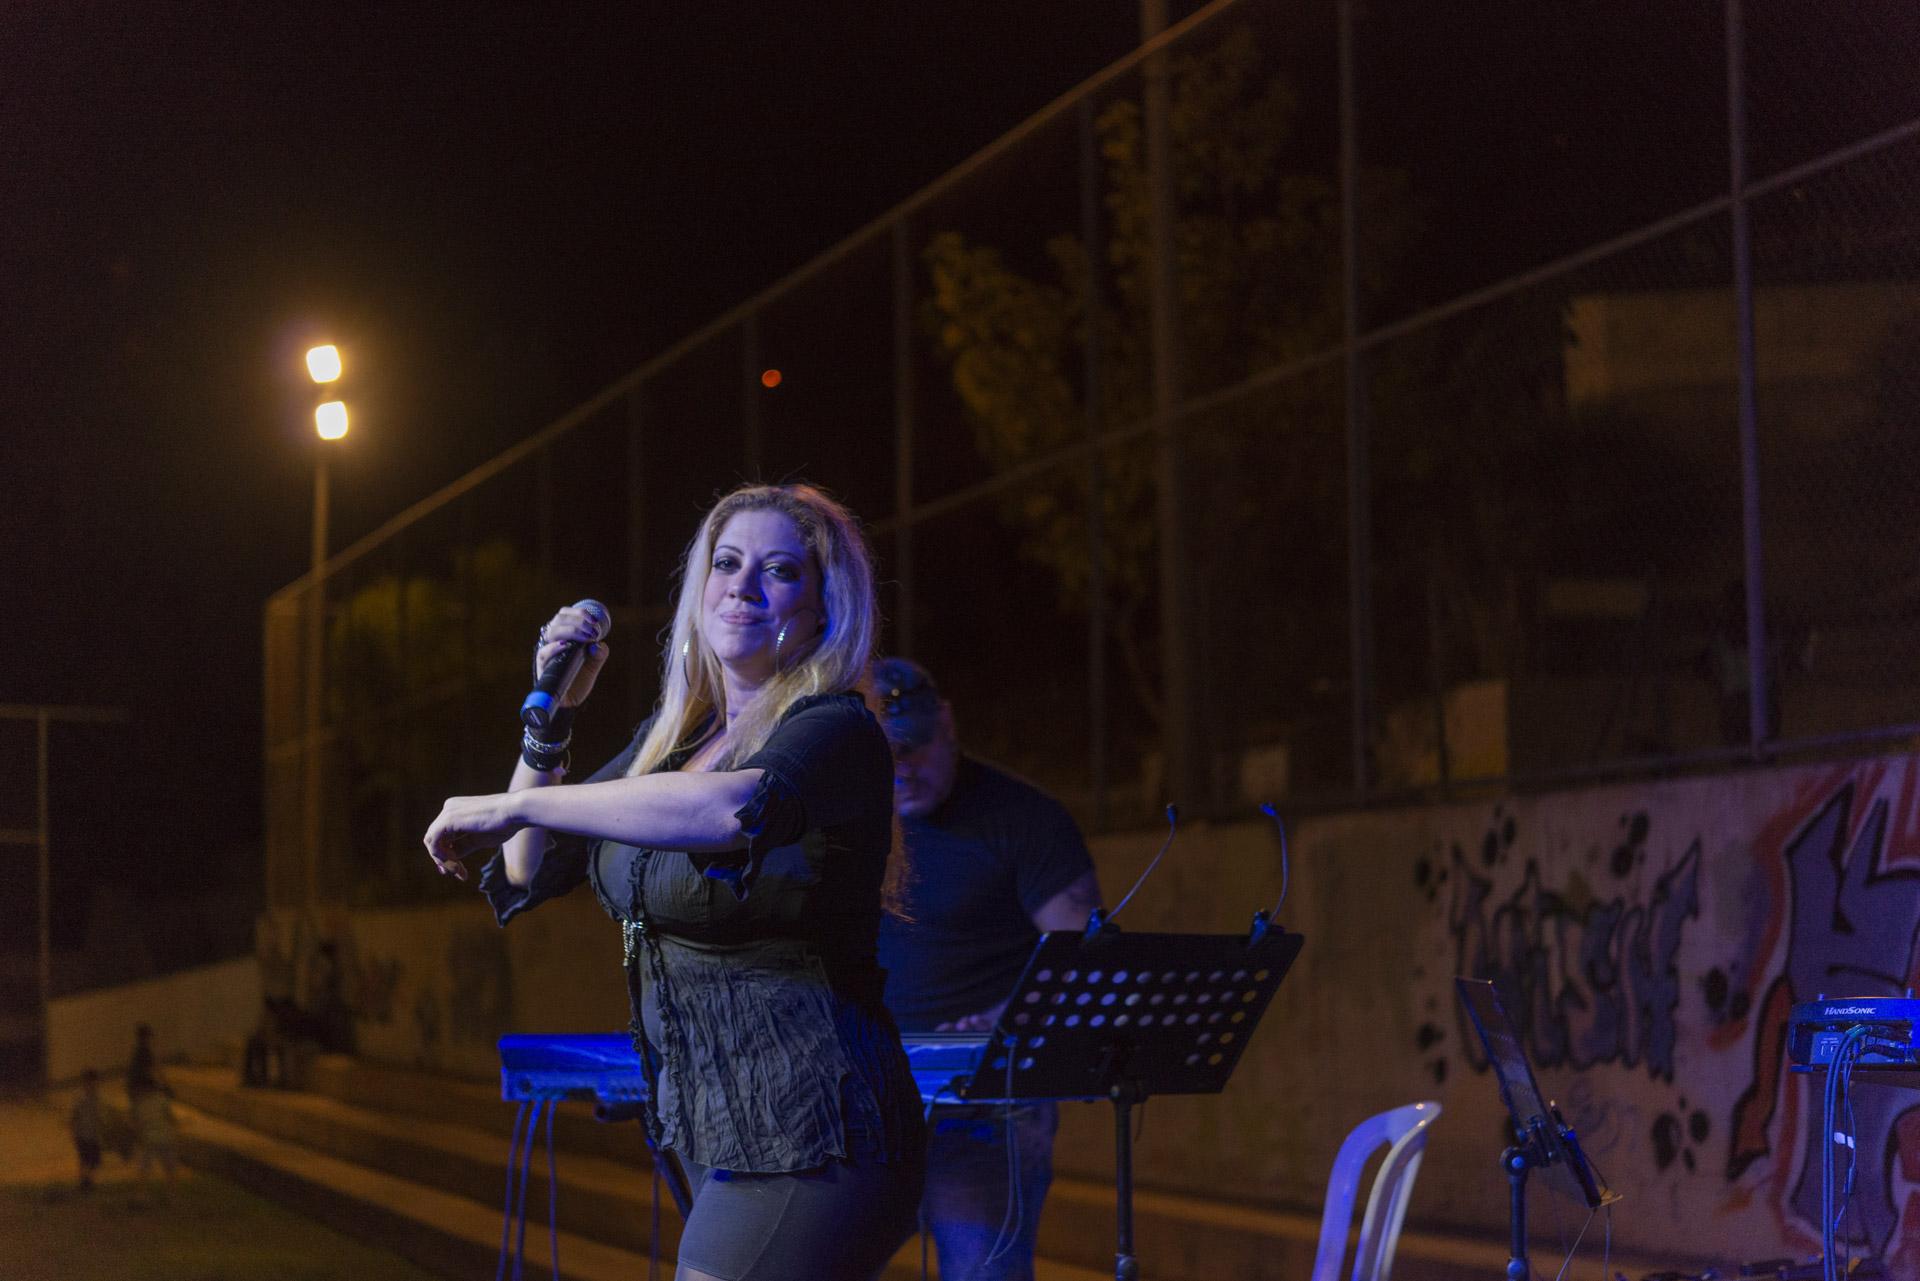 Χοροεσπερίδα - 2018 Με τον Πέτρο Ίβριο και το σχήμα του